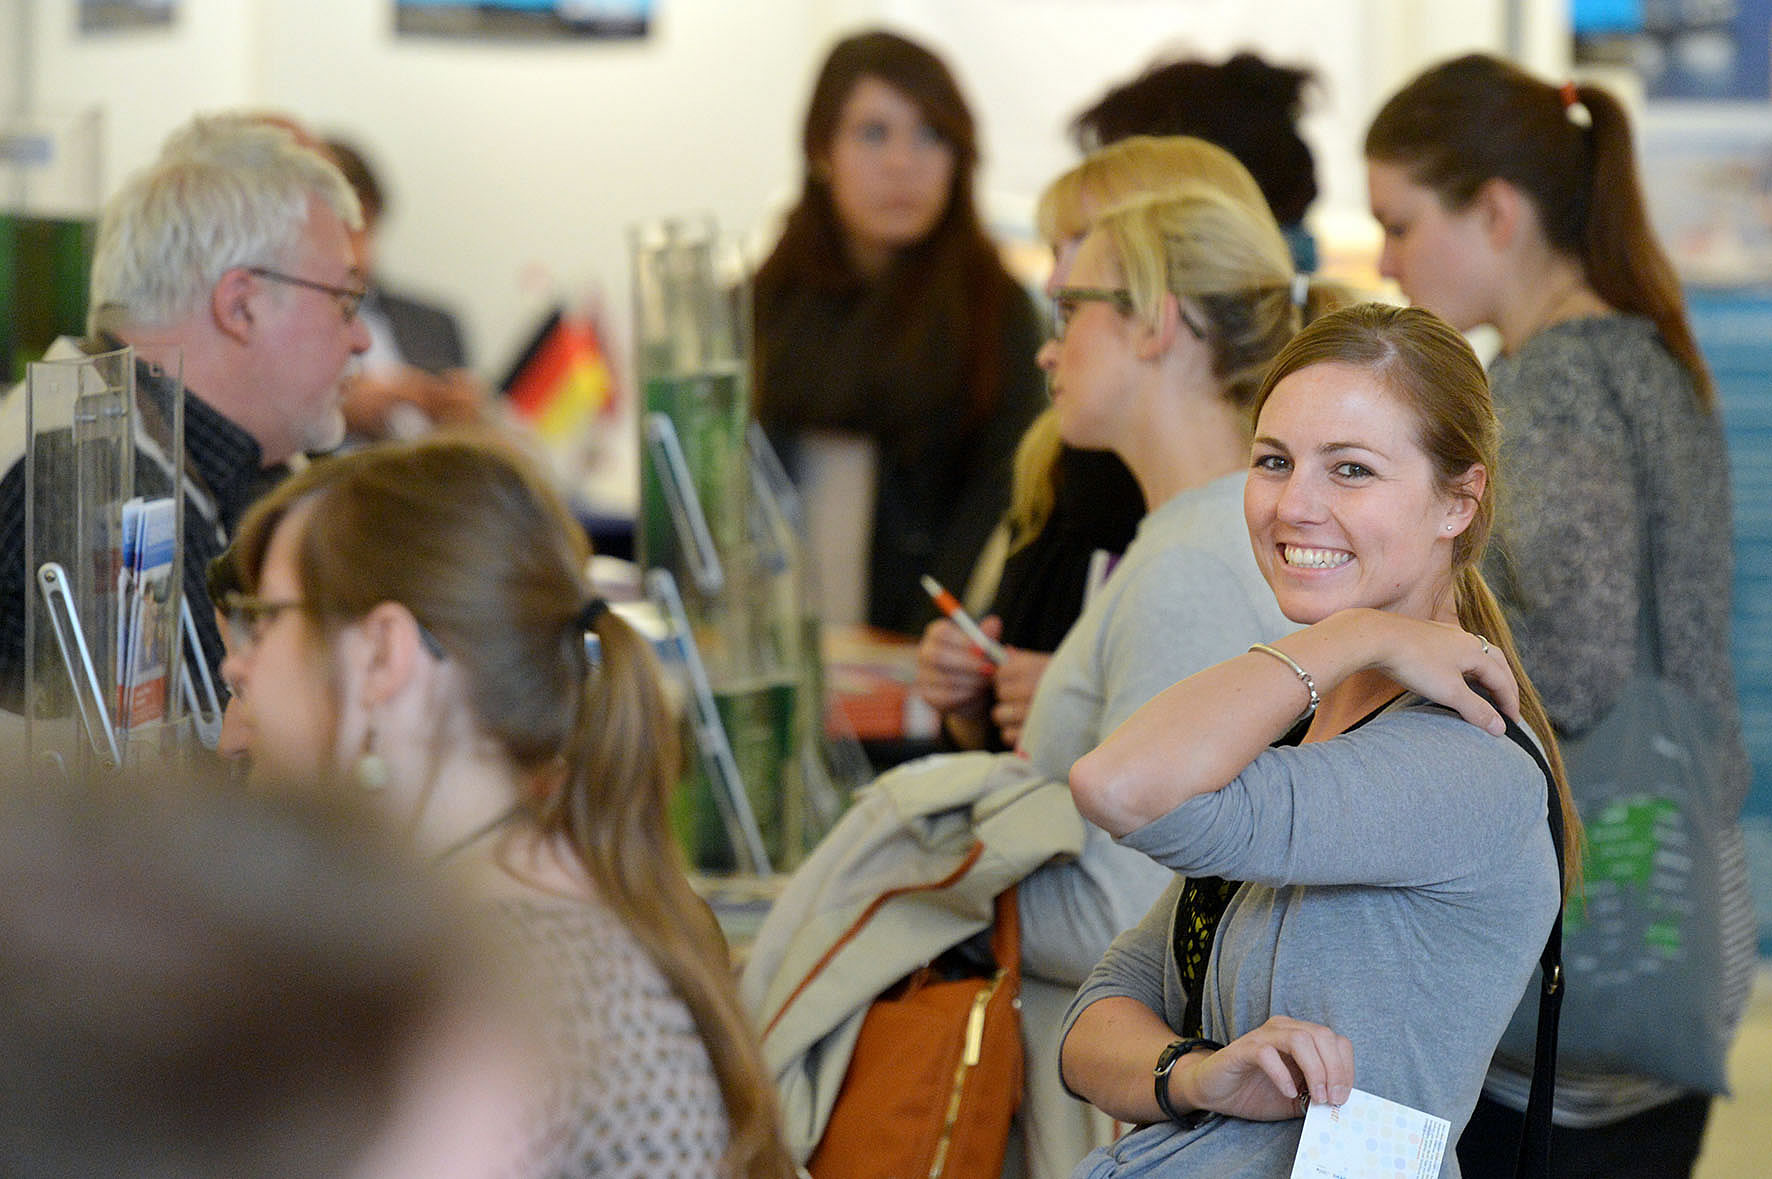 Mobilitätsschub: Immer mehr Studenten zieht es ins Ausland